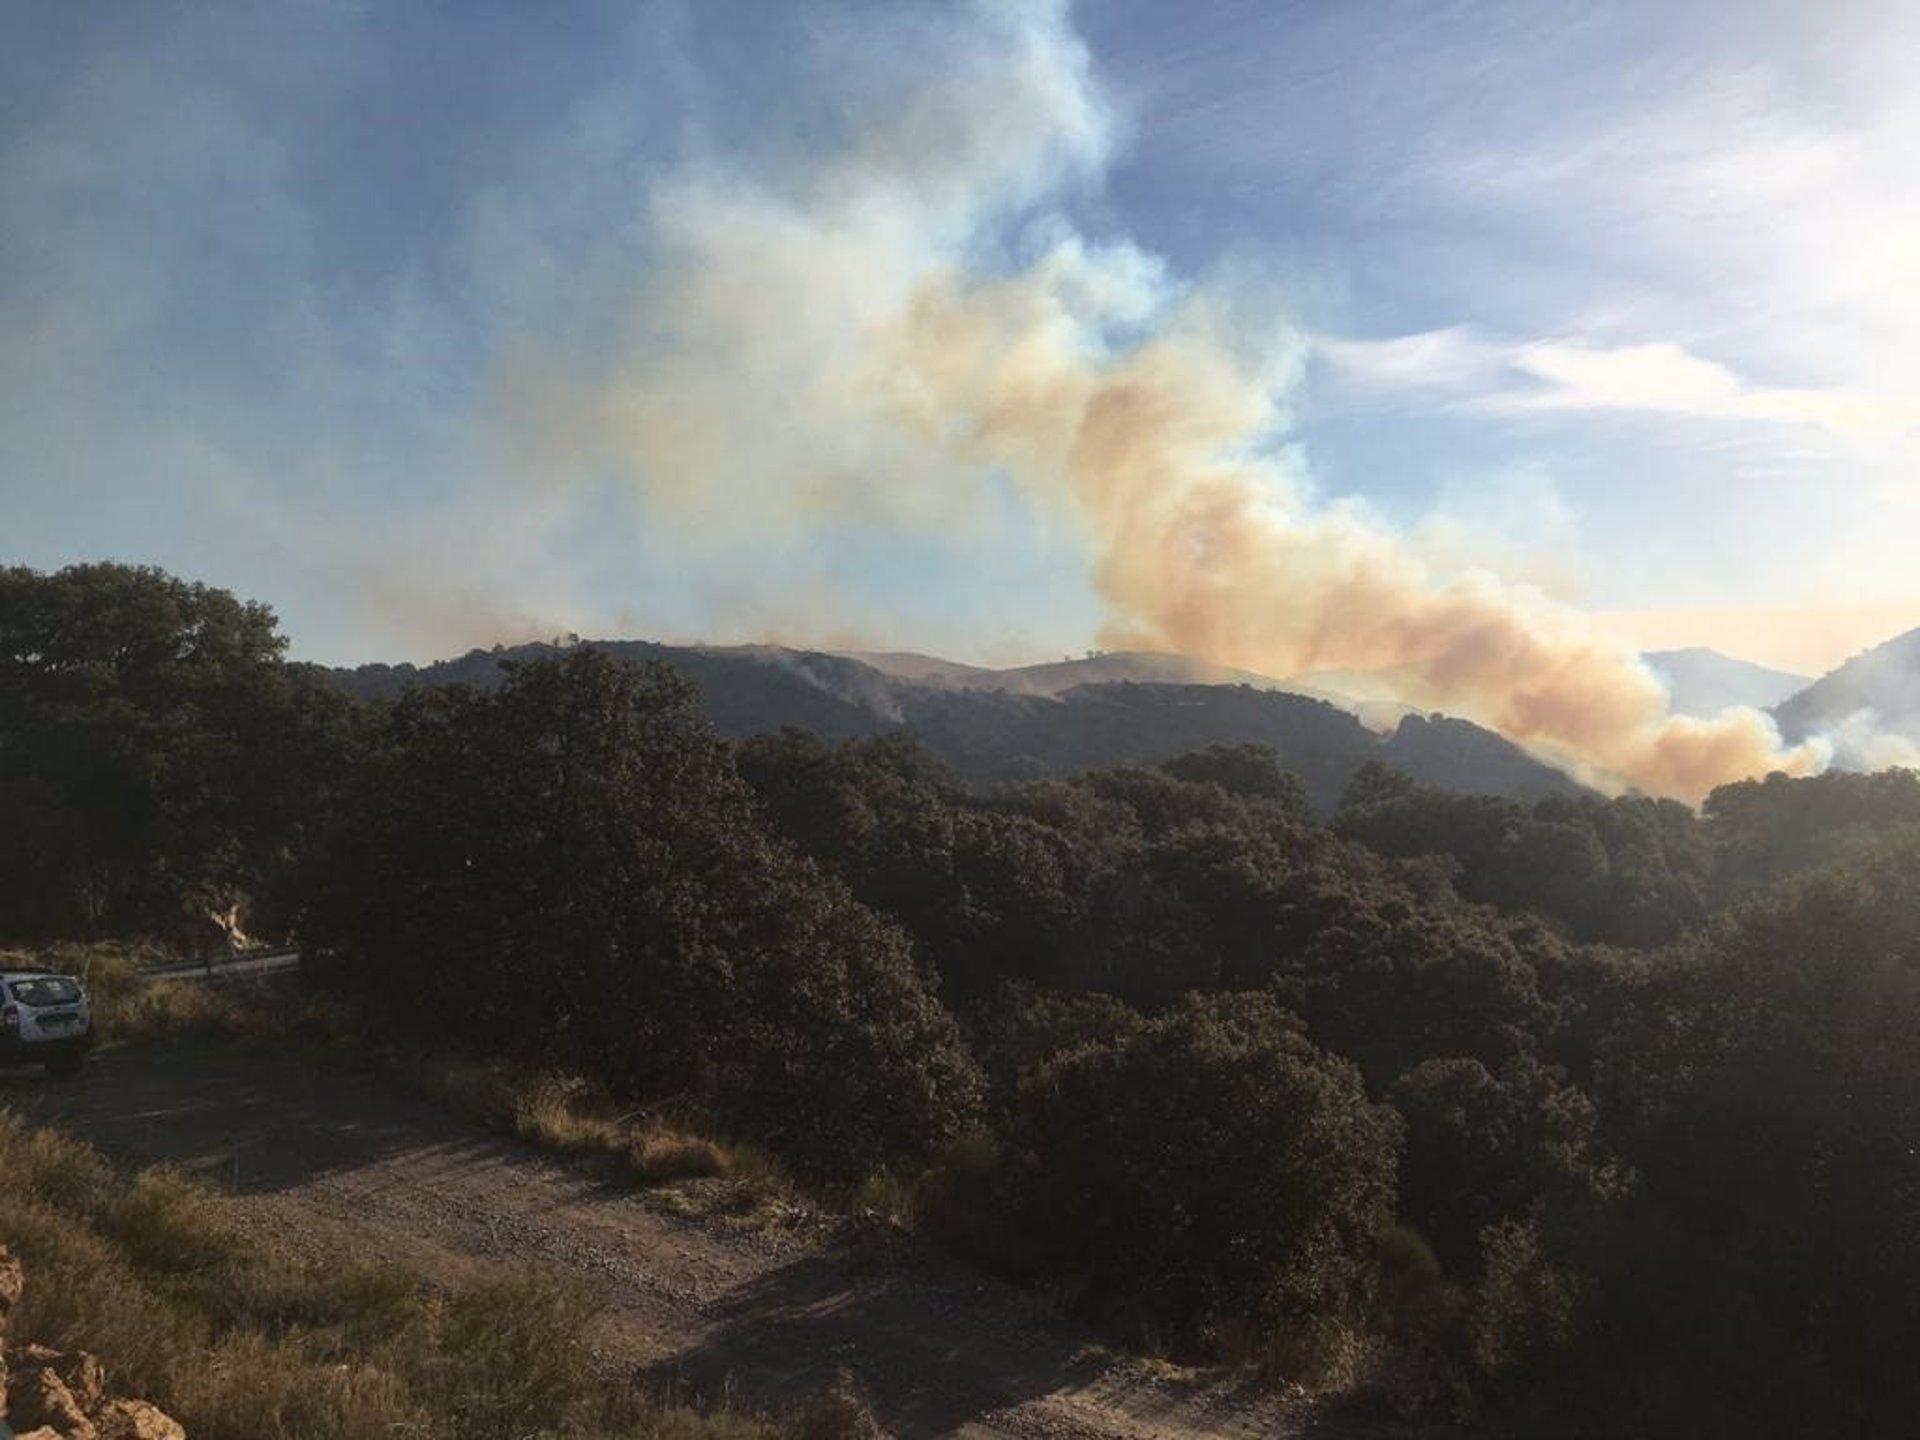 El incendio de Juviles quemó 133,74 hectáreas de superficie forestal